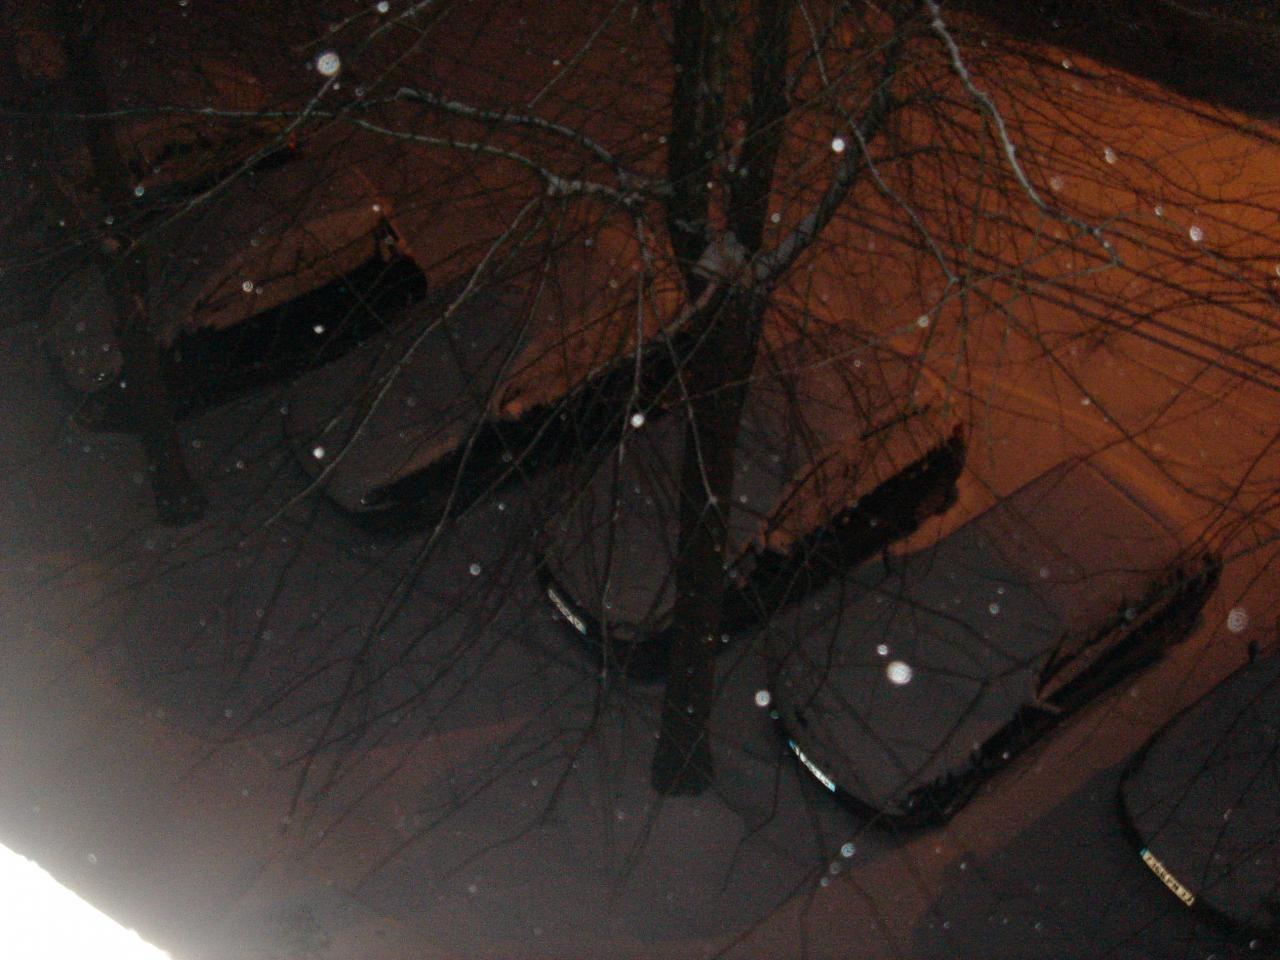 2012 02 05 dans la neige dimanche 5 02 2012 3